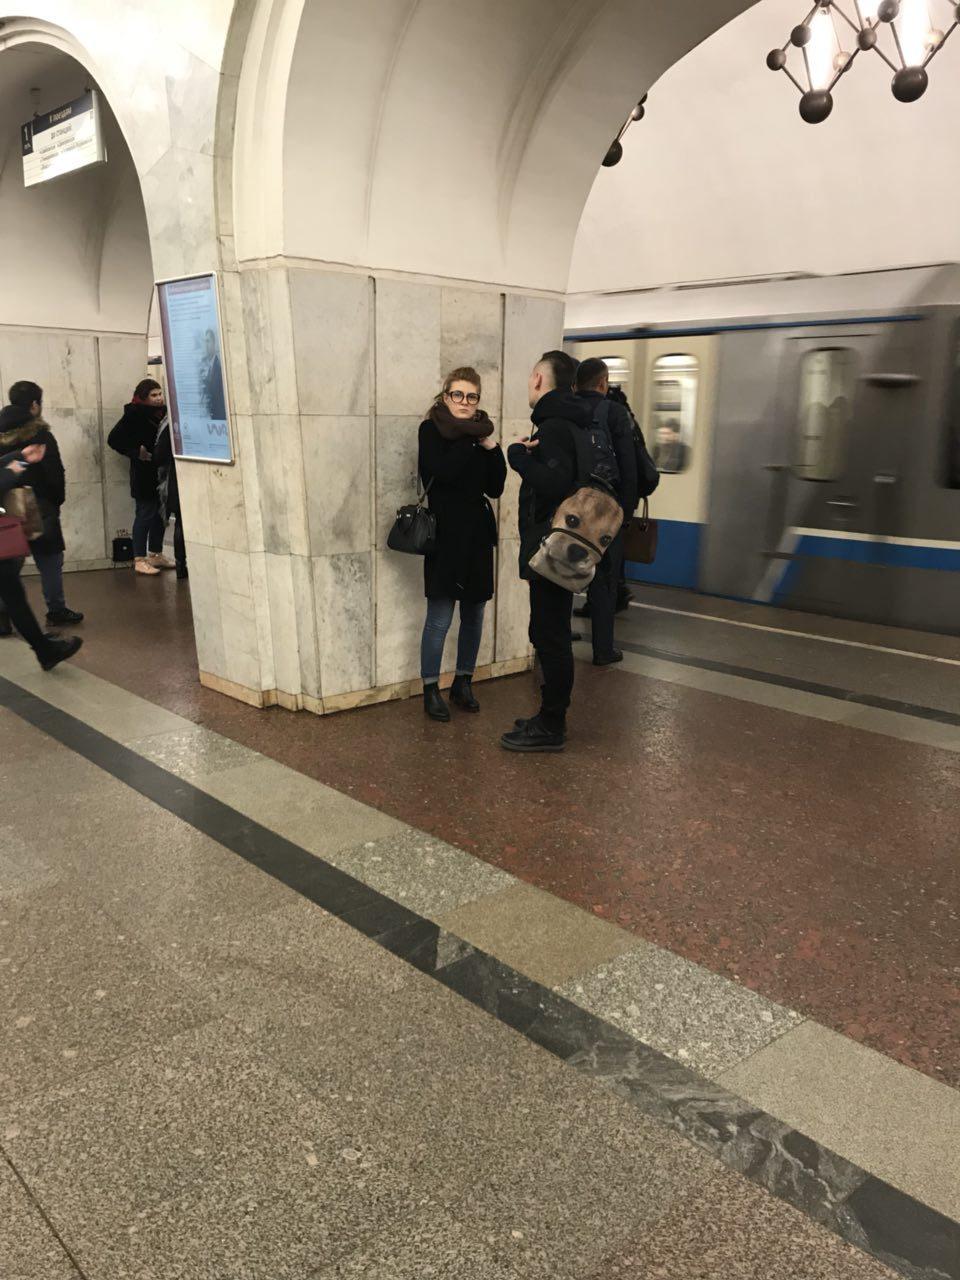 Шлюху на час Менделеевская линия vip проститутки в Санкт-Петербурге дешевые